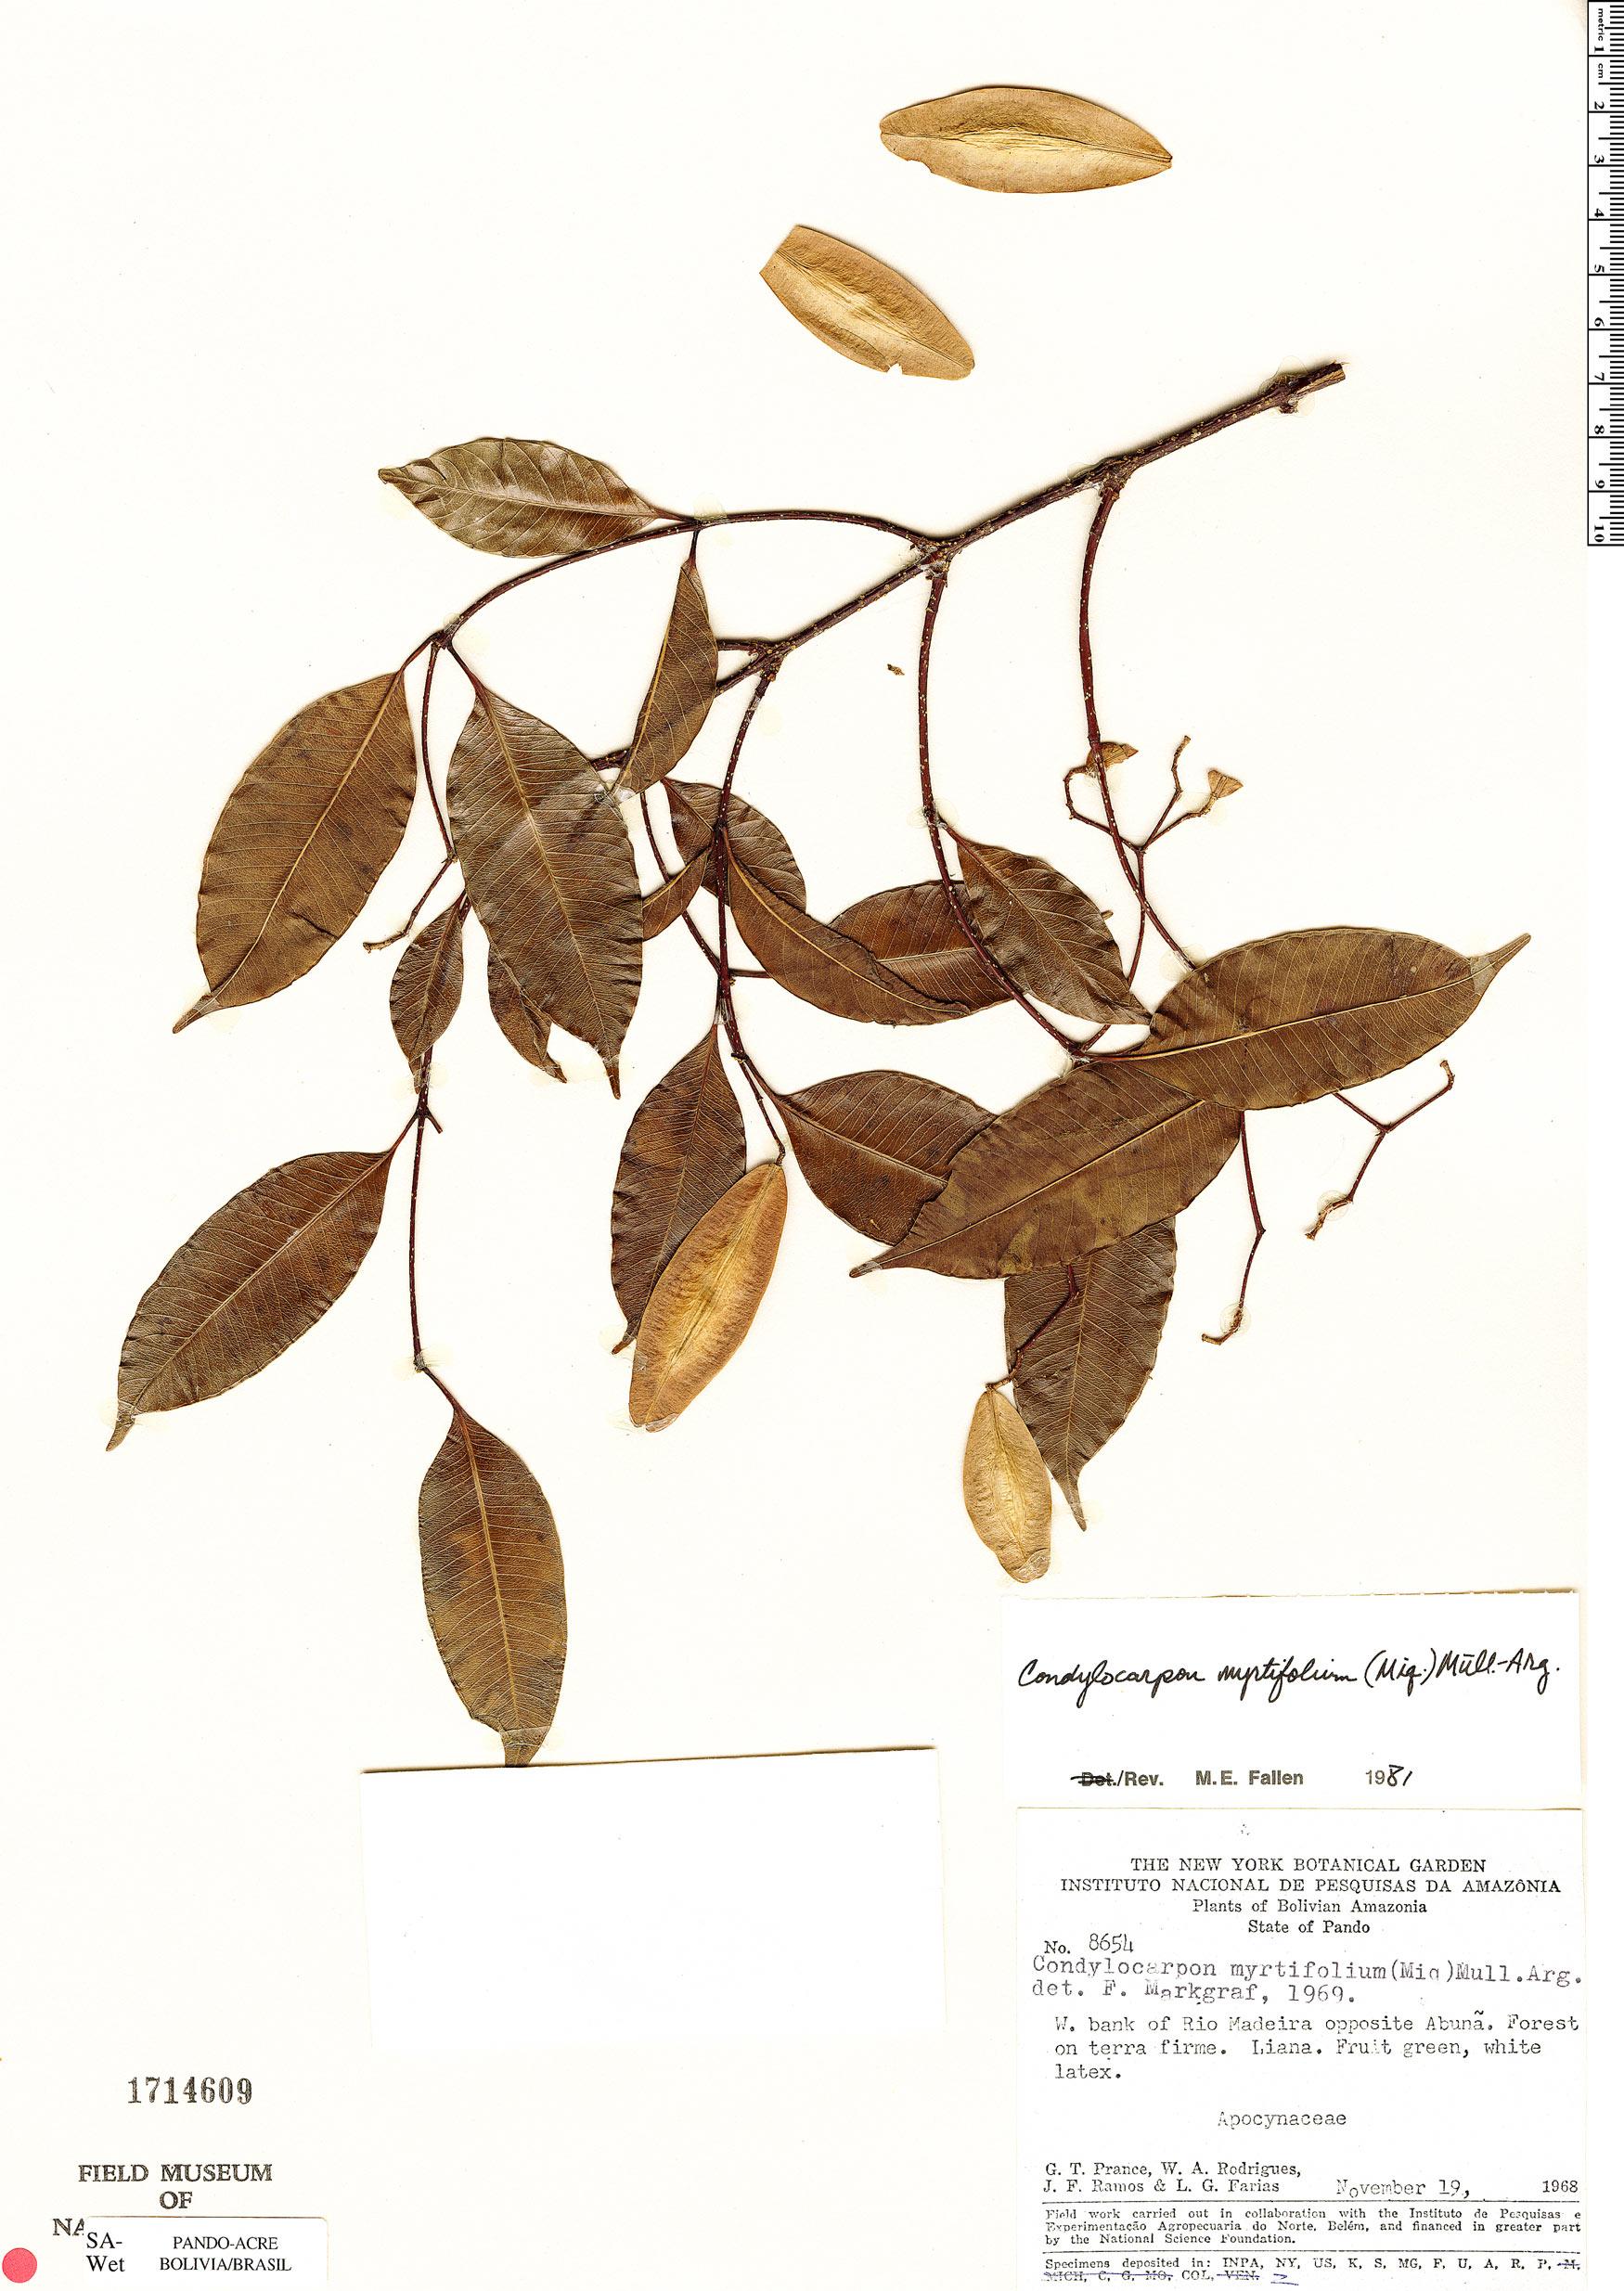 Specimen: Condylocarpon myrtifolium